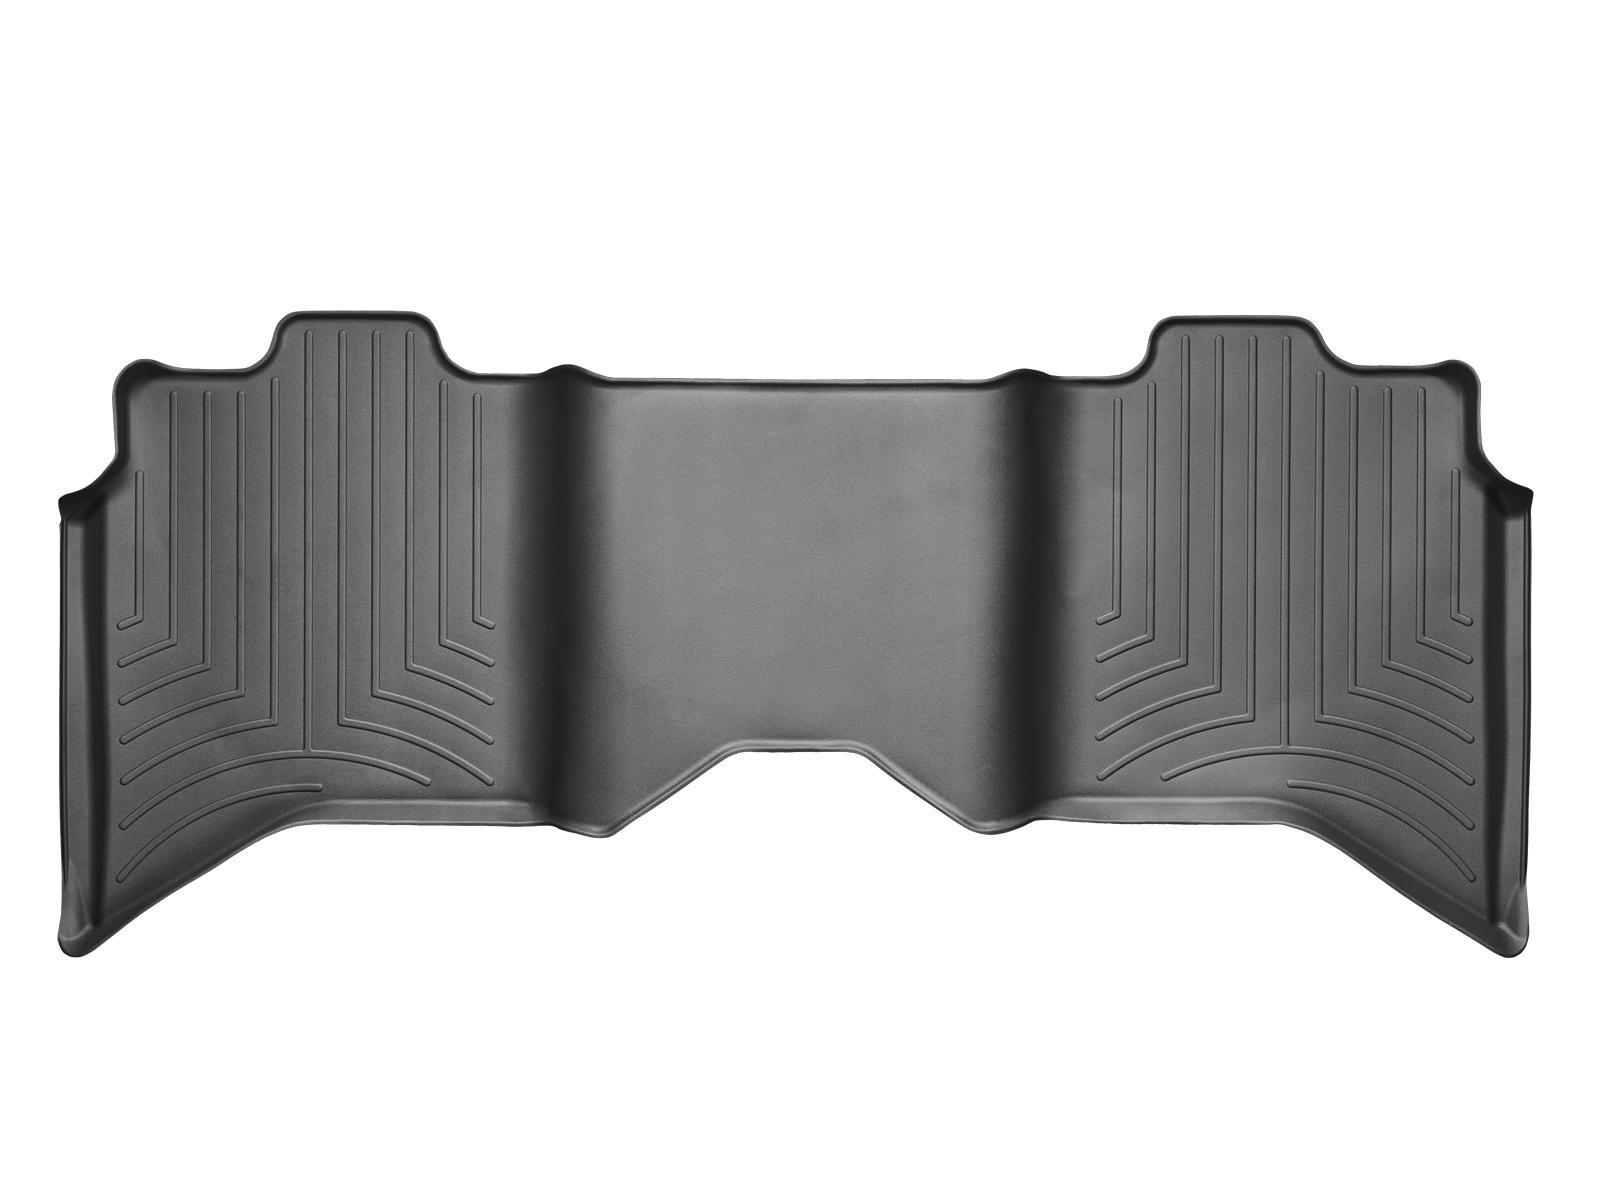 Tappeti gomma su misura bordo alto RAM Ram 1500 12>12 Nero A3194